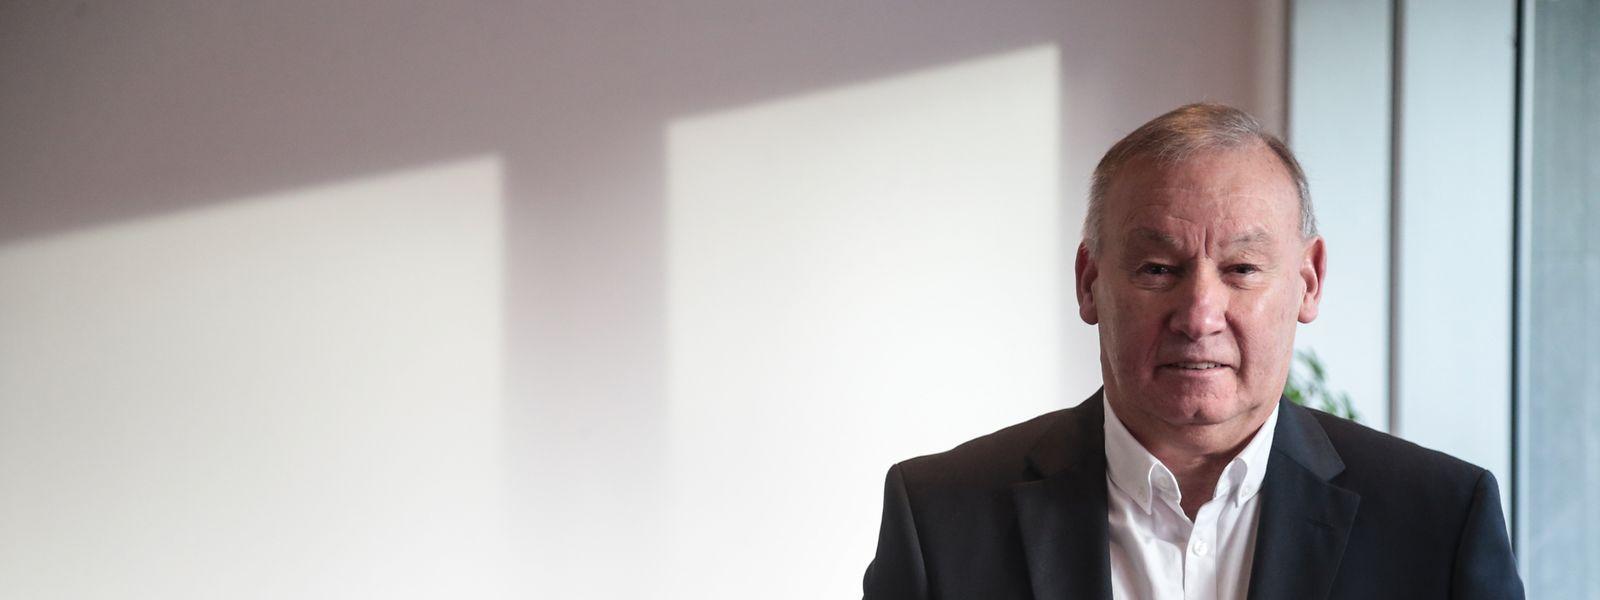 Vorsichtiger Optimismus: Der Präsident der Verbraucherschutzorganisation, Nico Hoffmann, freut sich über das neue Ministerium, aber betont noch einmal seine Forderungen.